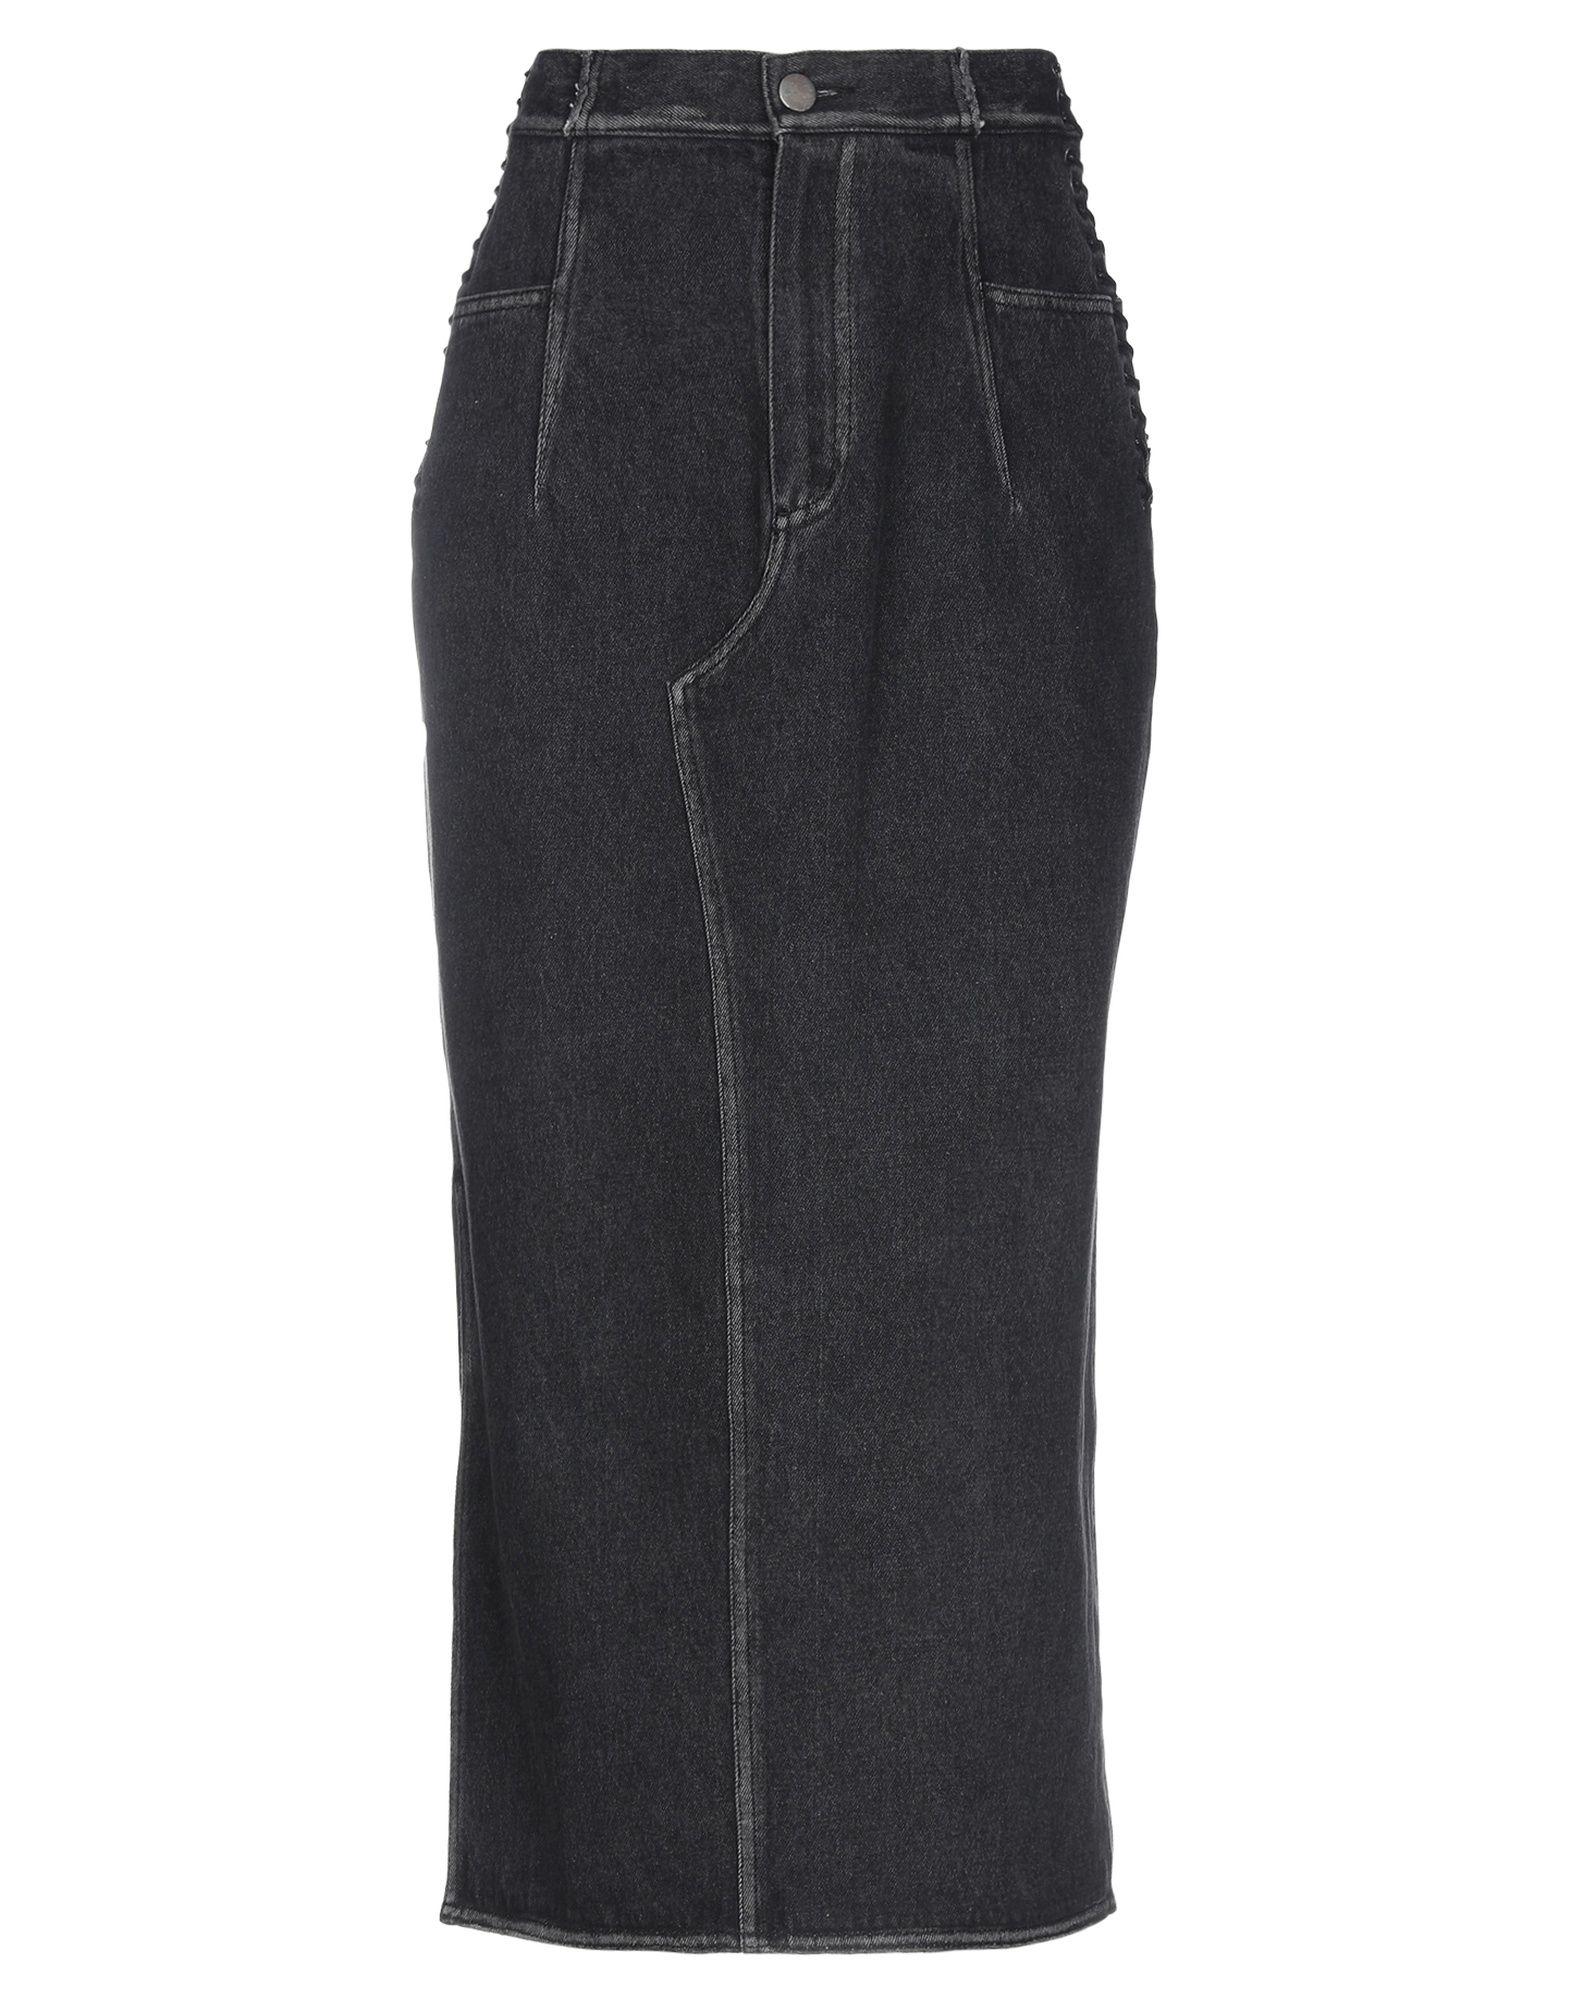 3.1 PHILLIP LIM Джинсовая юбка 3 1 phillip lim мюлес и сабо